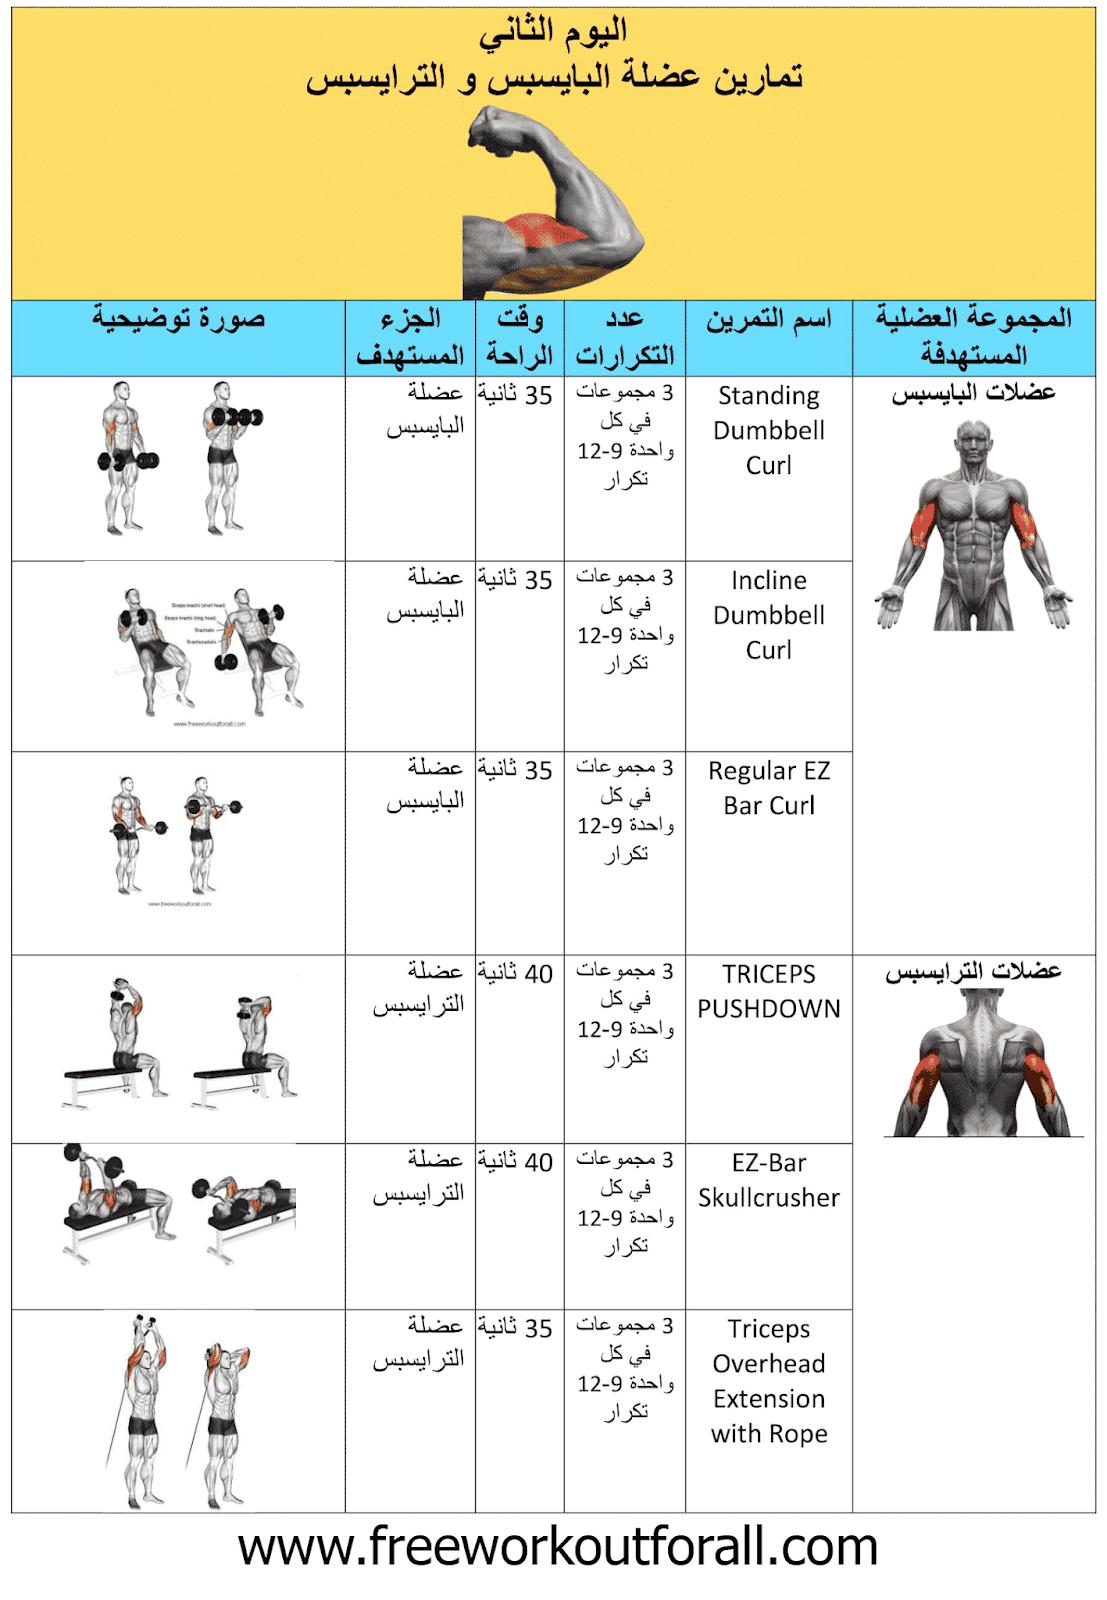 جدول تمارين كمال الاجسام 5 ايام Workout Schedule Gym Schedule Bulking Diet